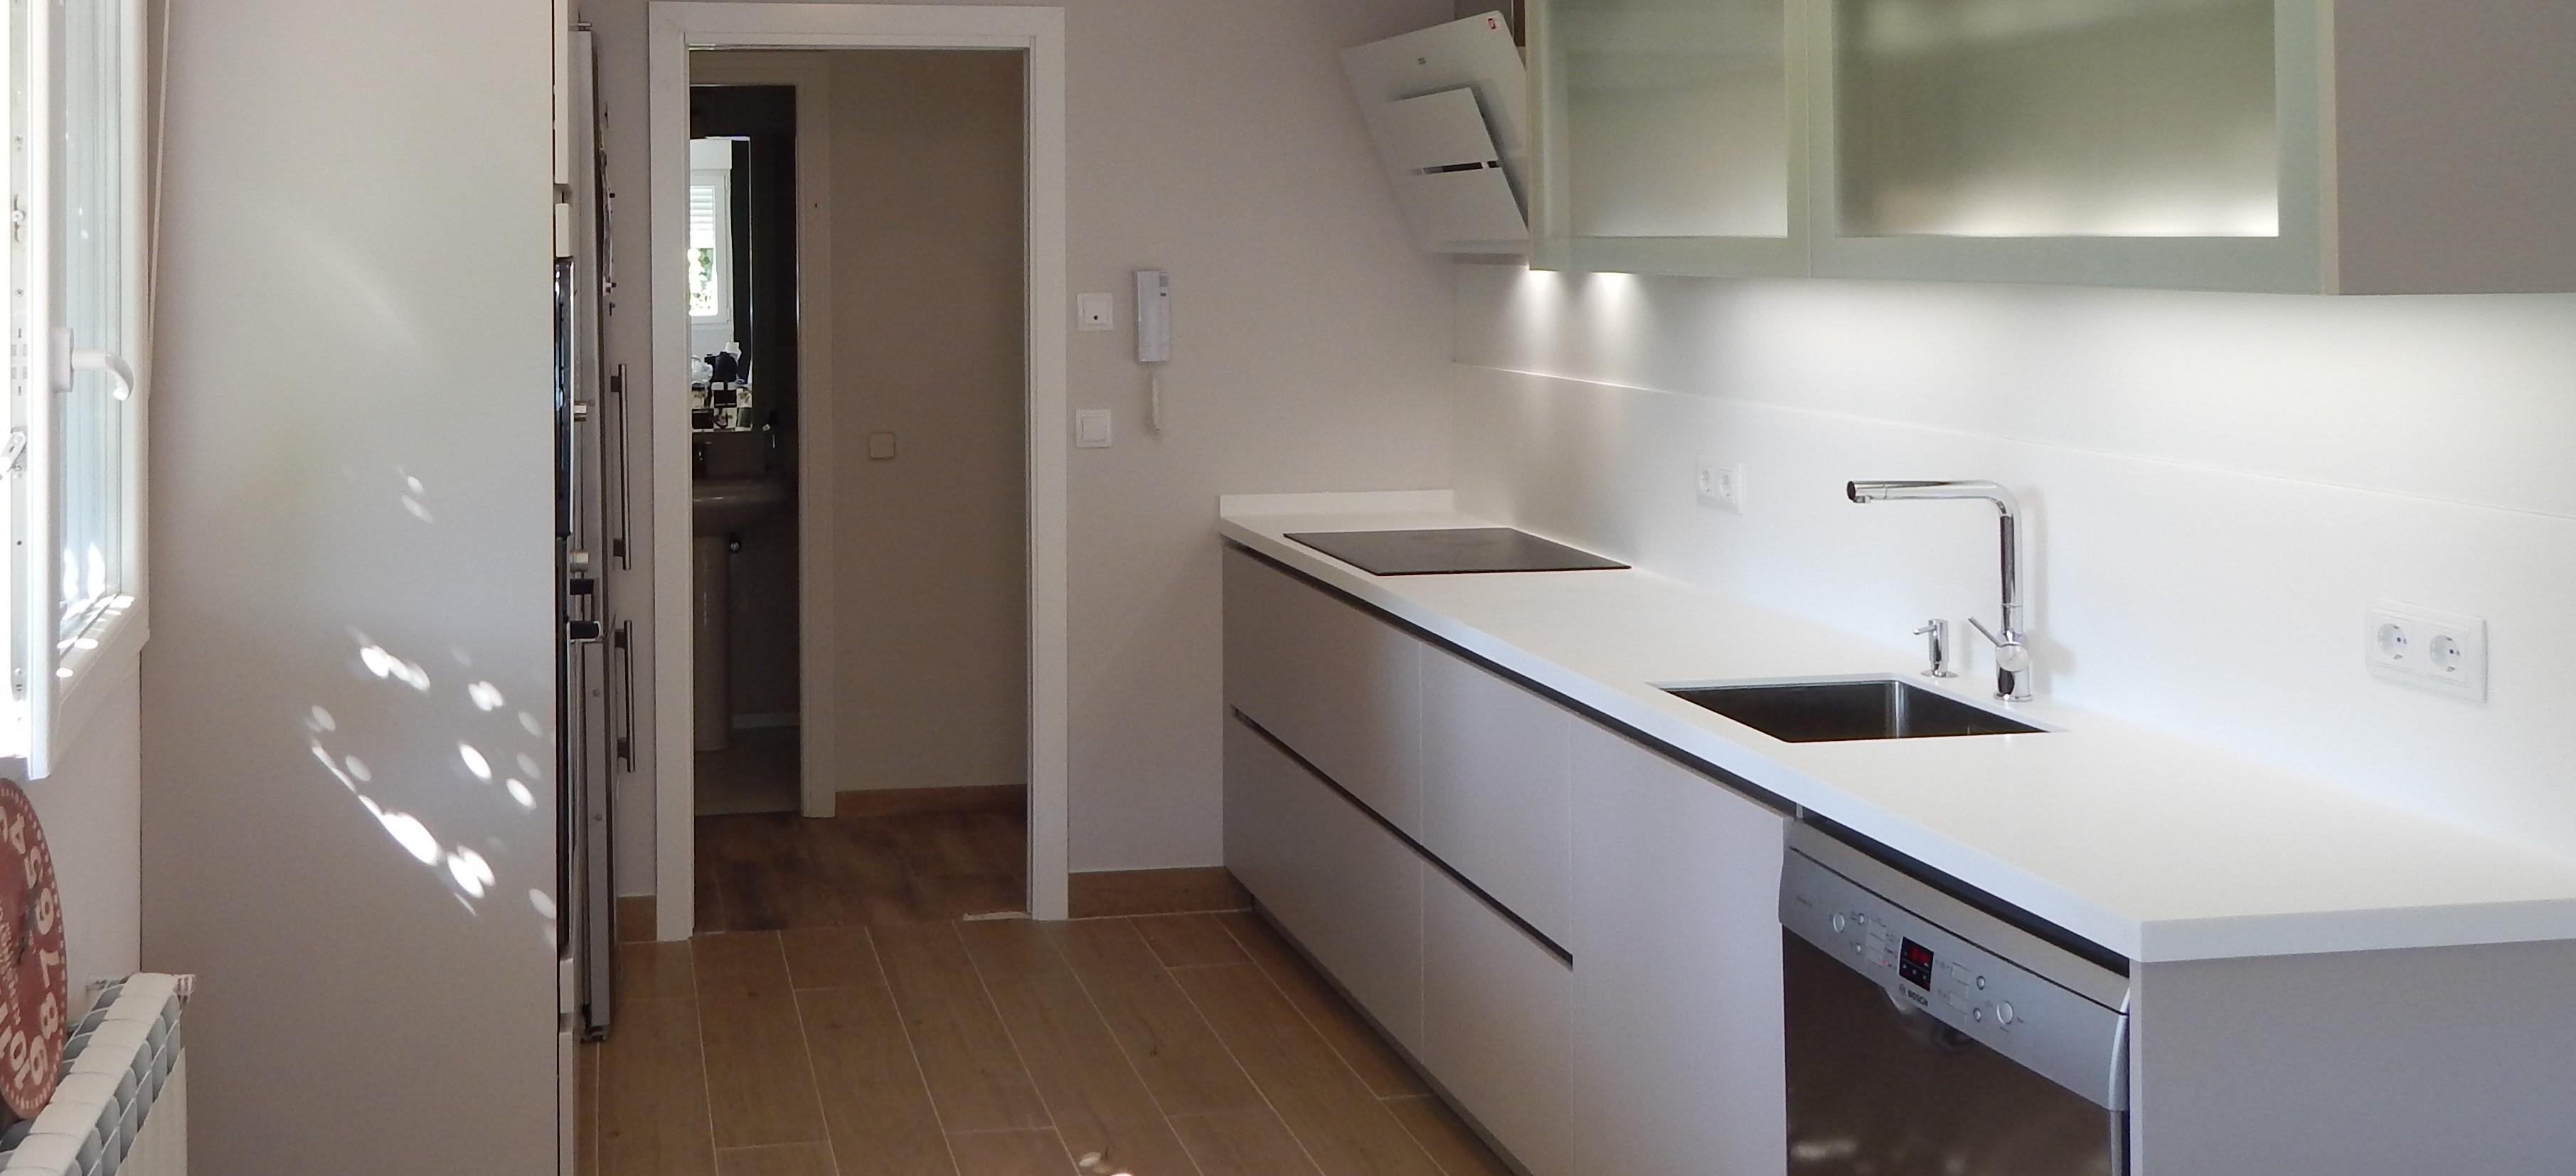 Como limpiar muebles de cocina de formica mate limpiar puertas - Como limpiar azulejos cocina ...